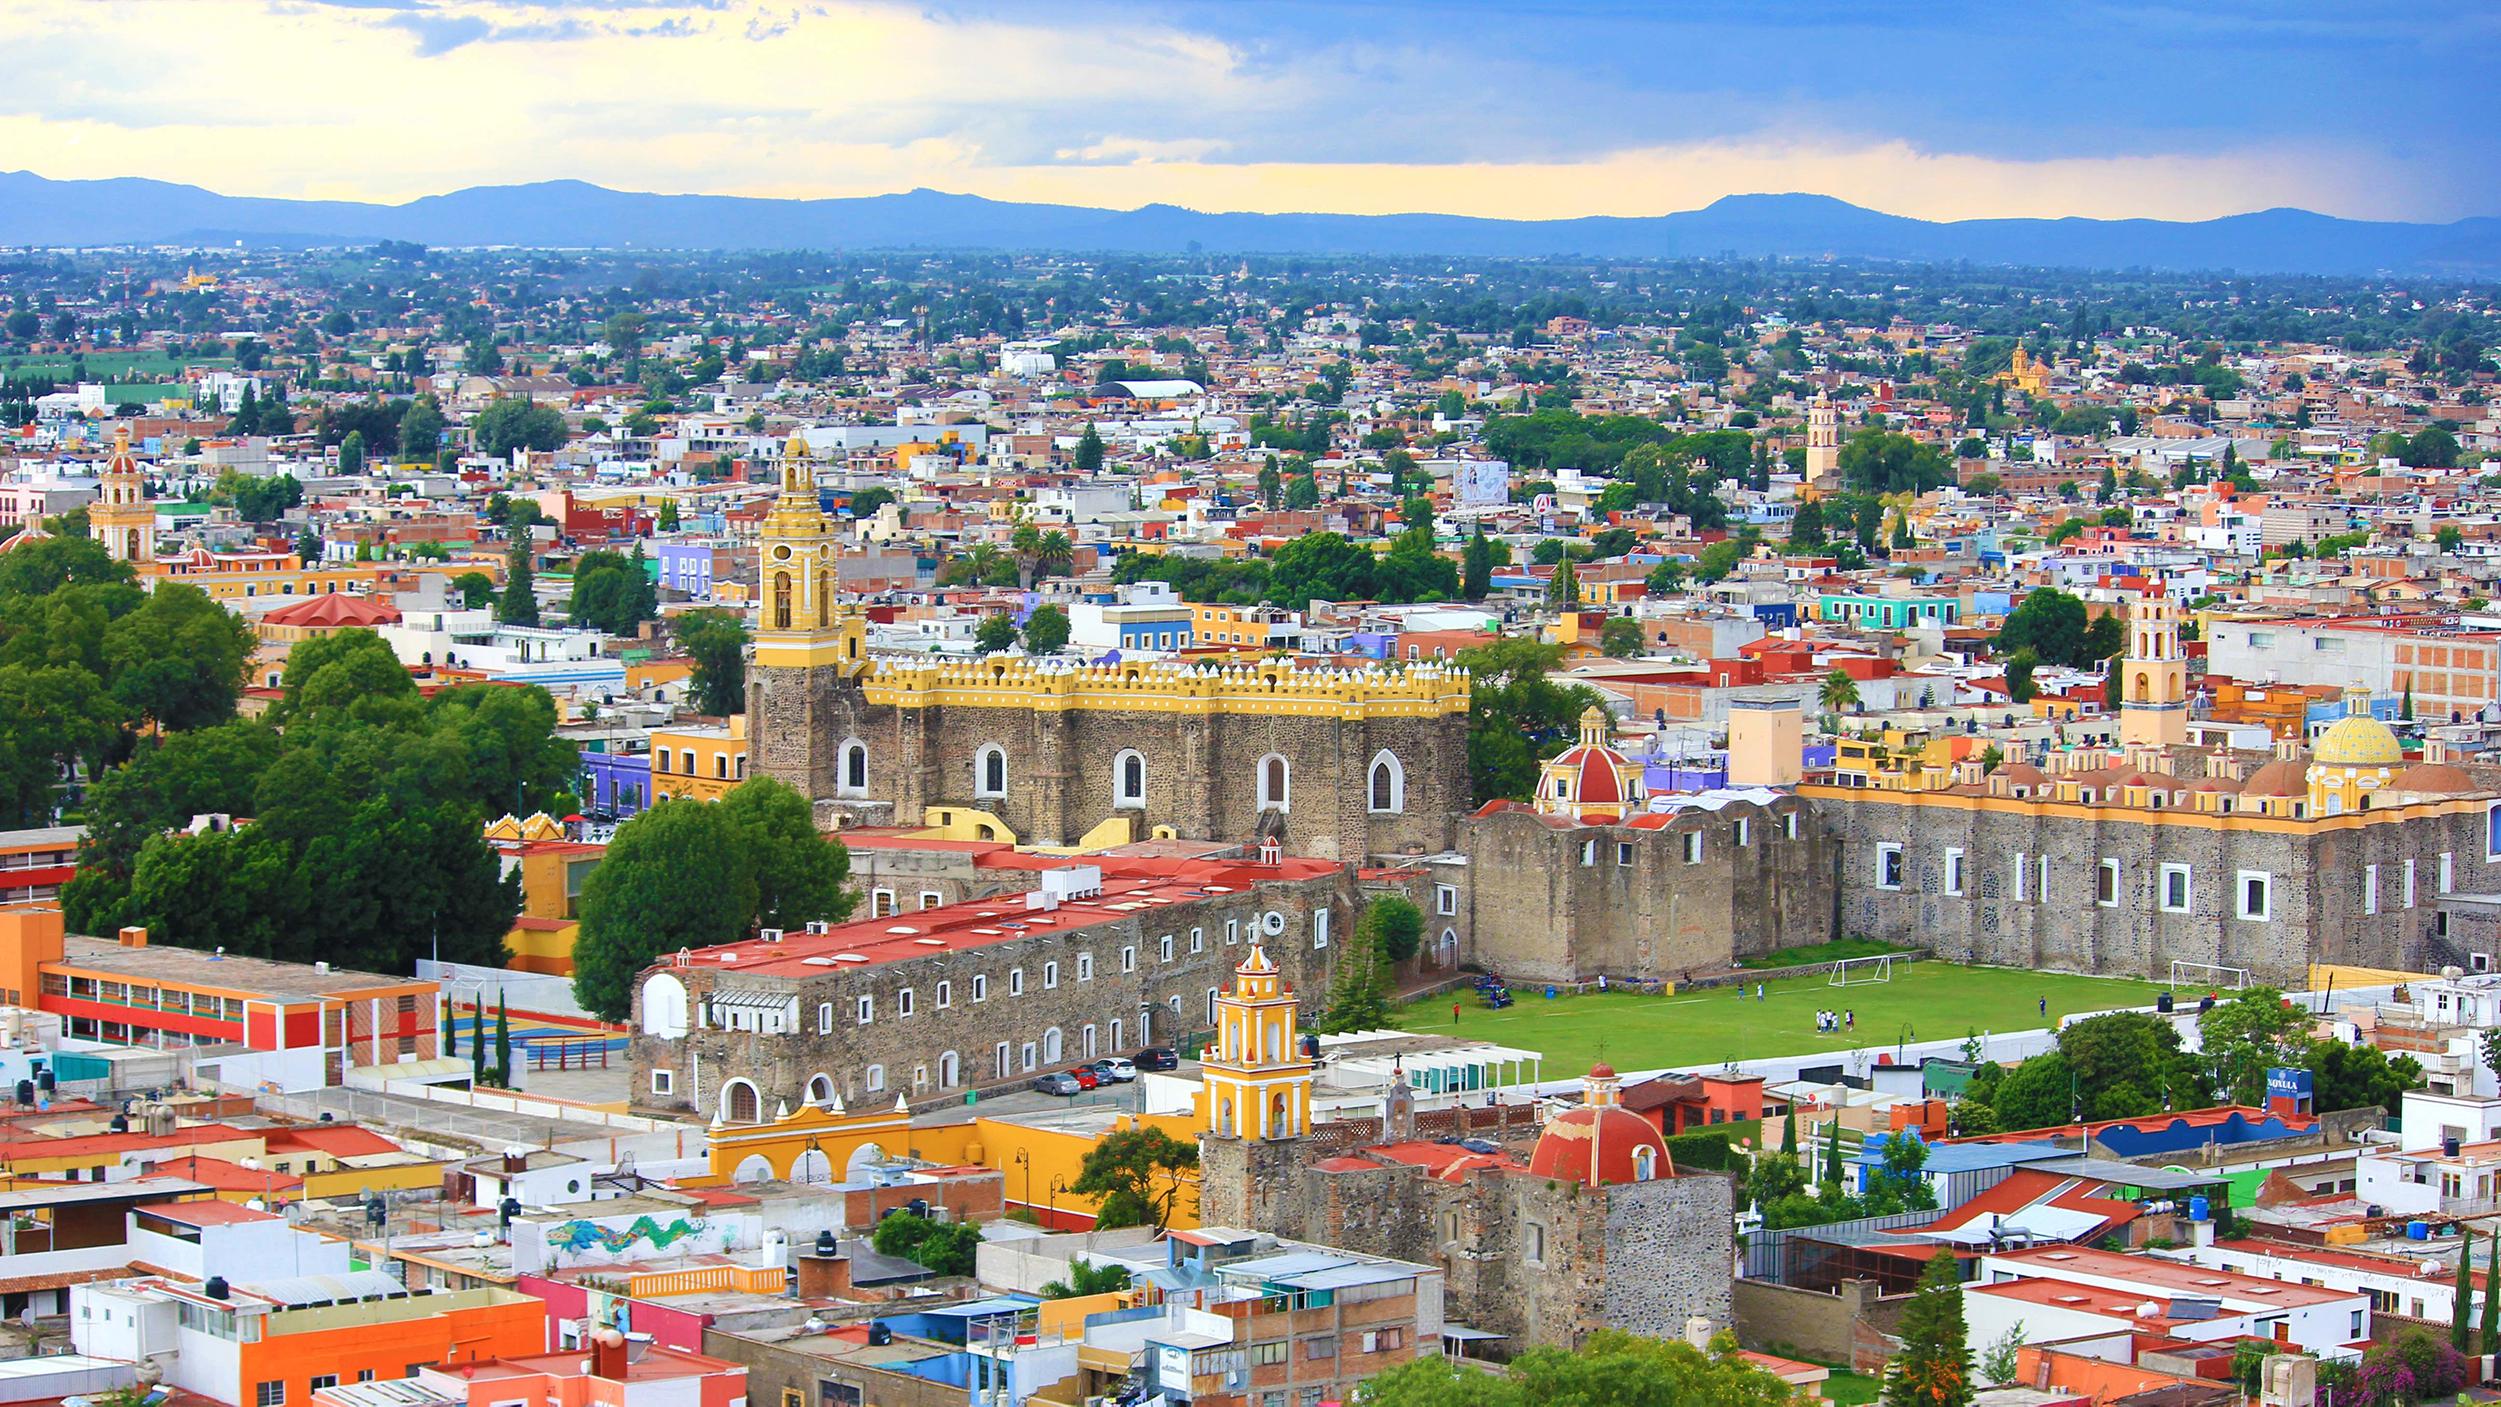 Bird's eye view of puebla mexico